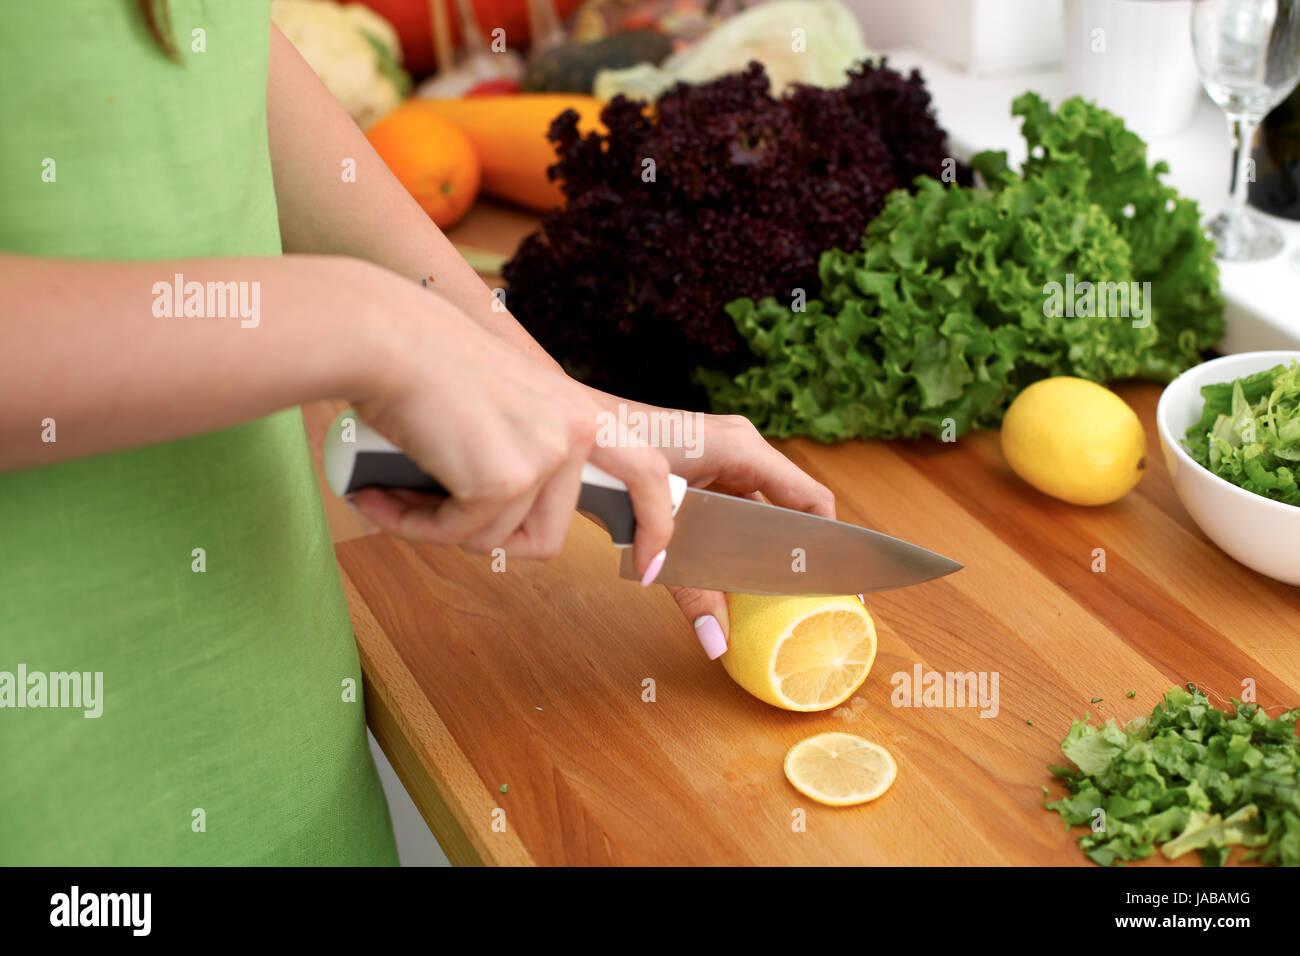 Primo piano della donna mani di cucina insalata di verdure in cucina. Tagli casalinga di limone. Pasto sano e concetto Immagini Stock